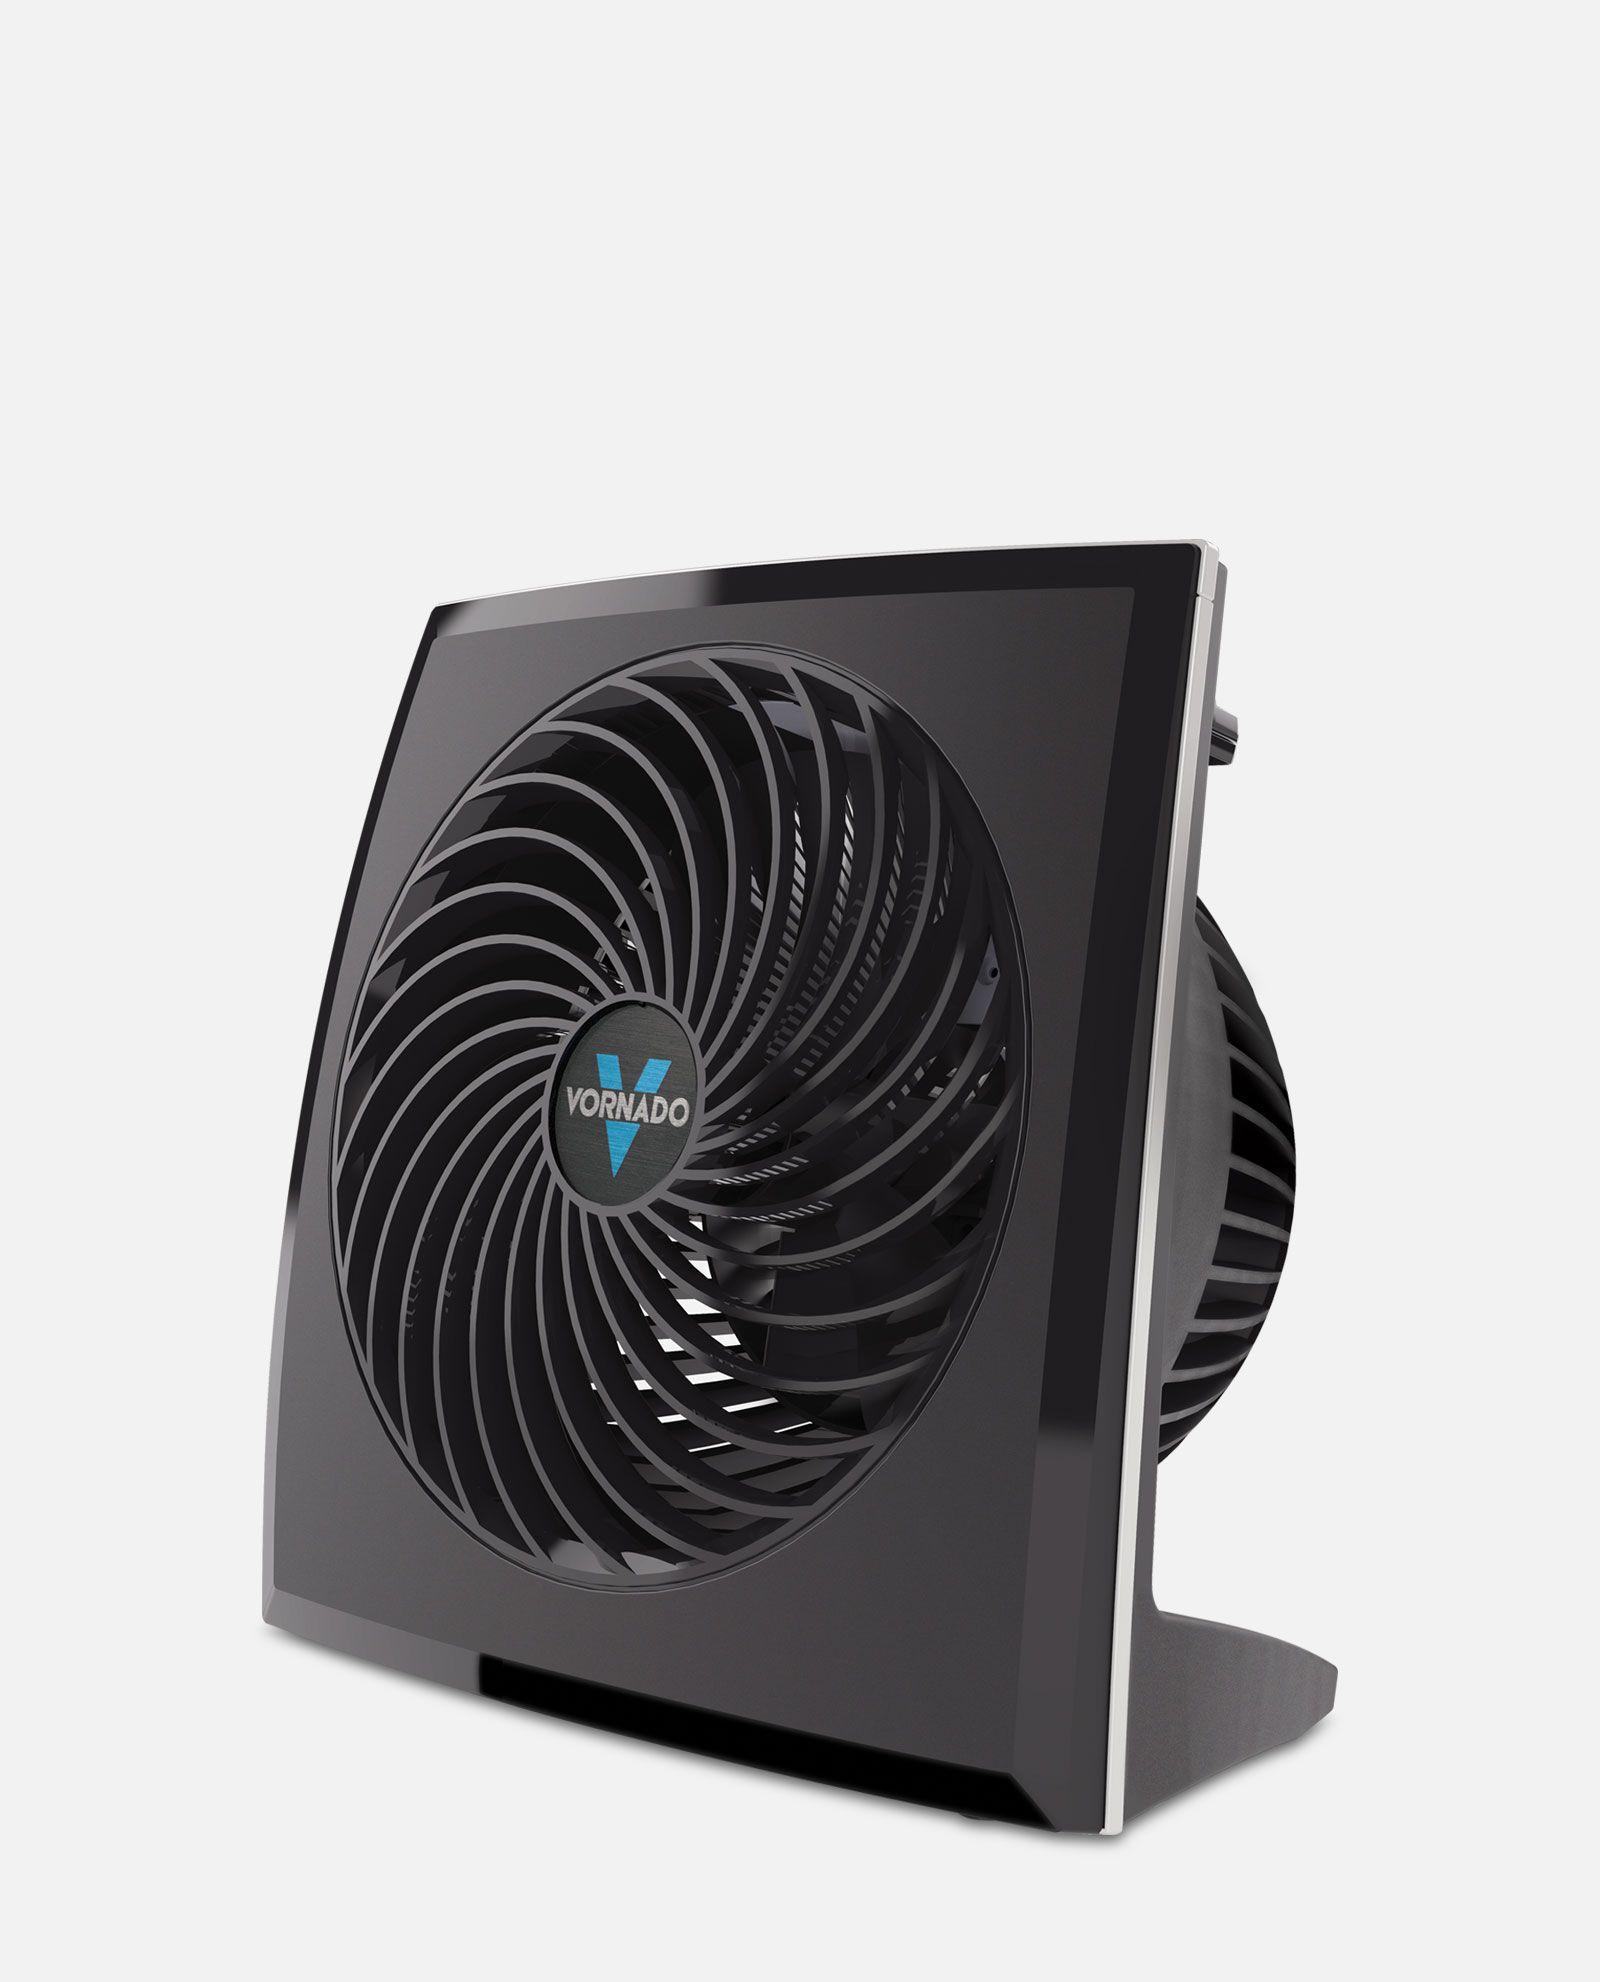 Small Air Circulating Fans : Small panel air circulator vornado